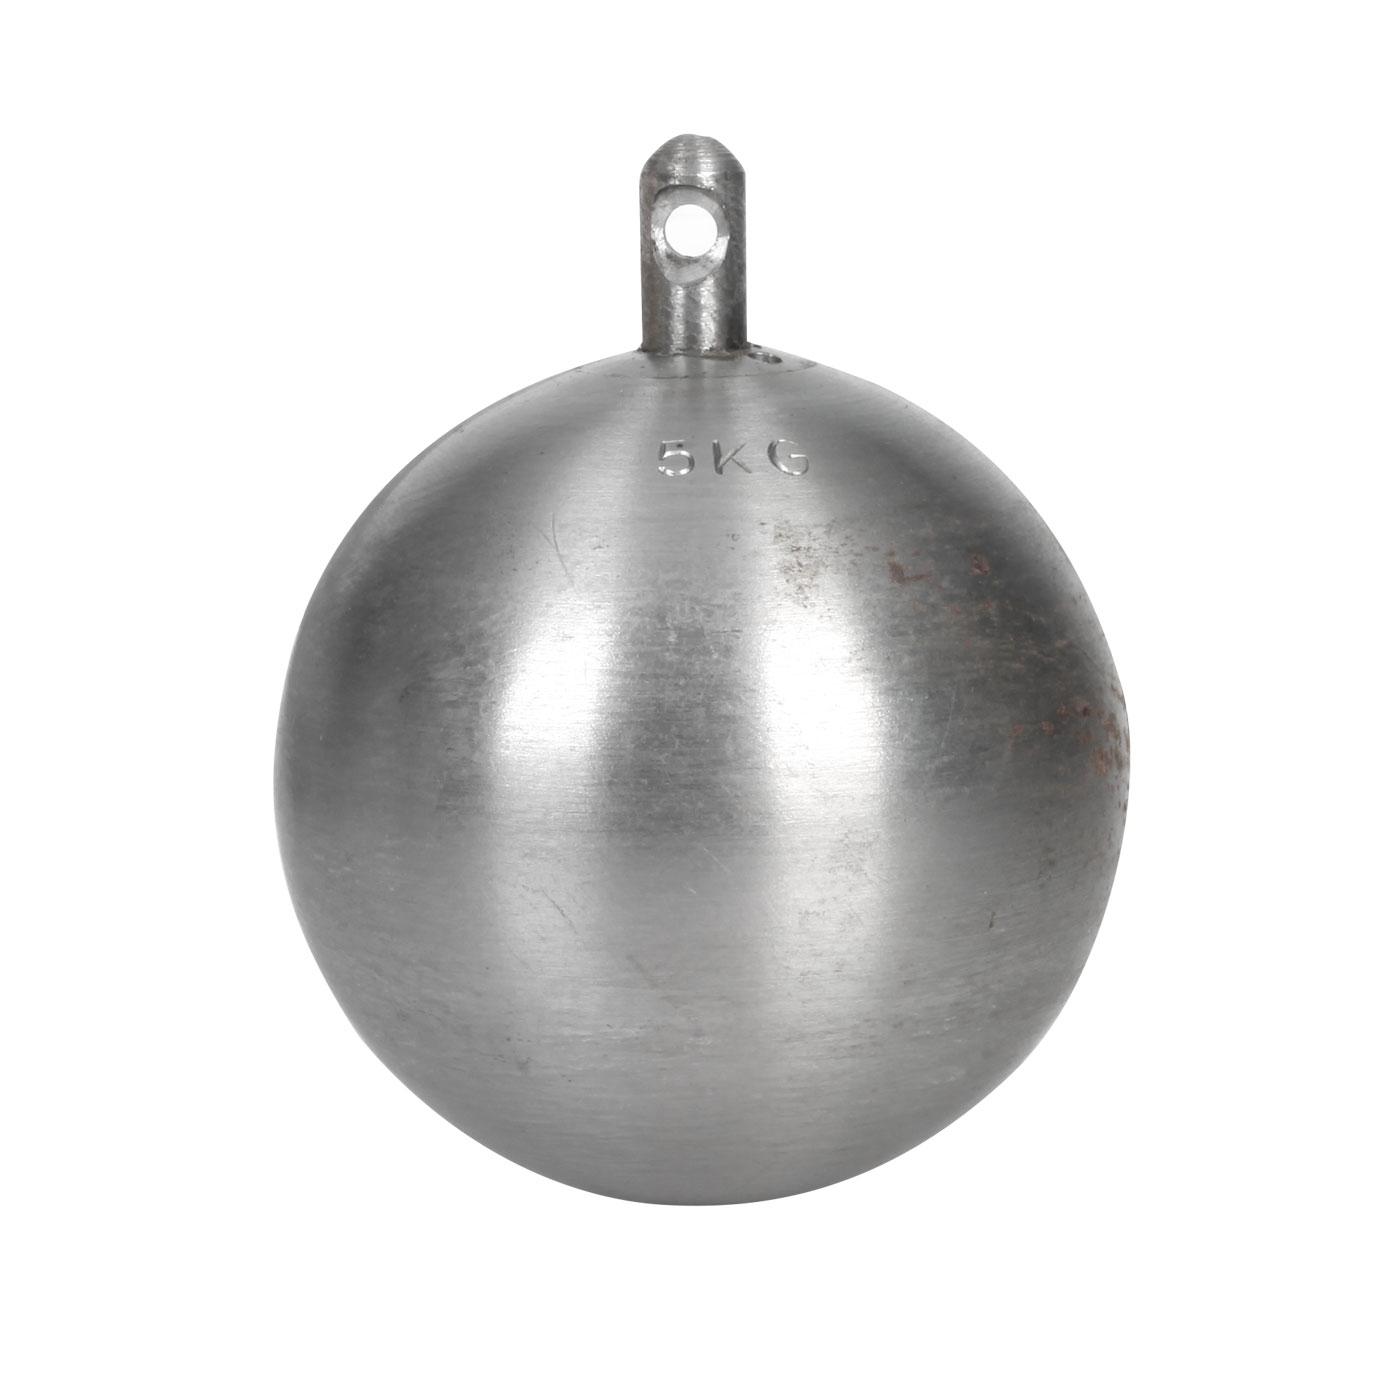 其它 鏈球-5KG6005001